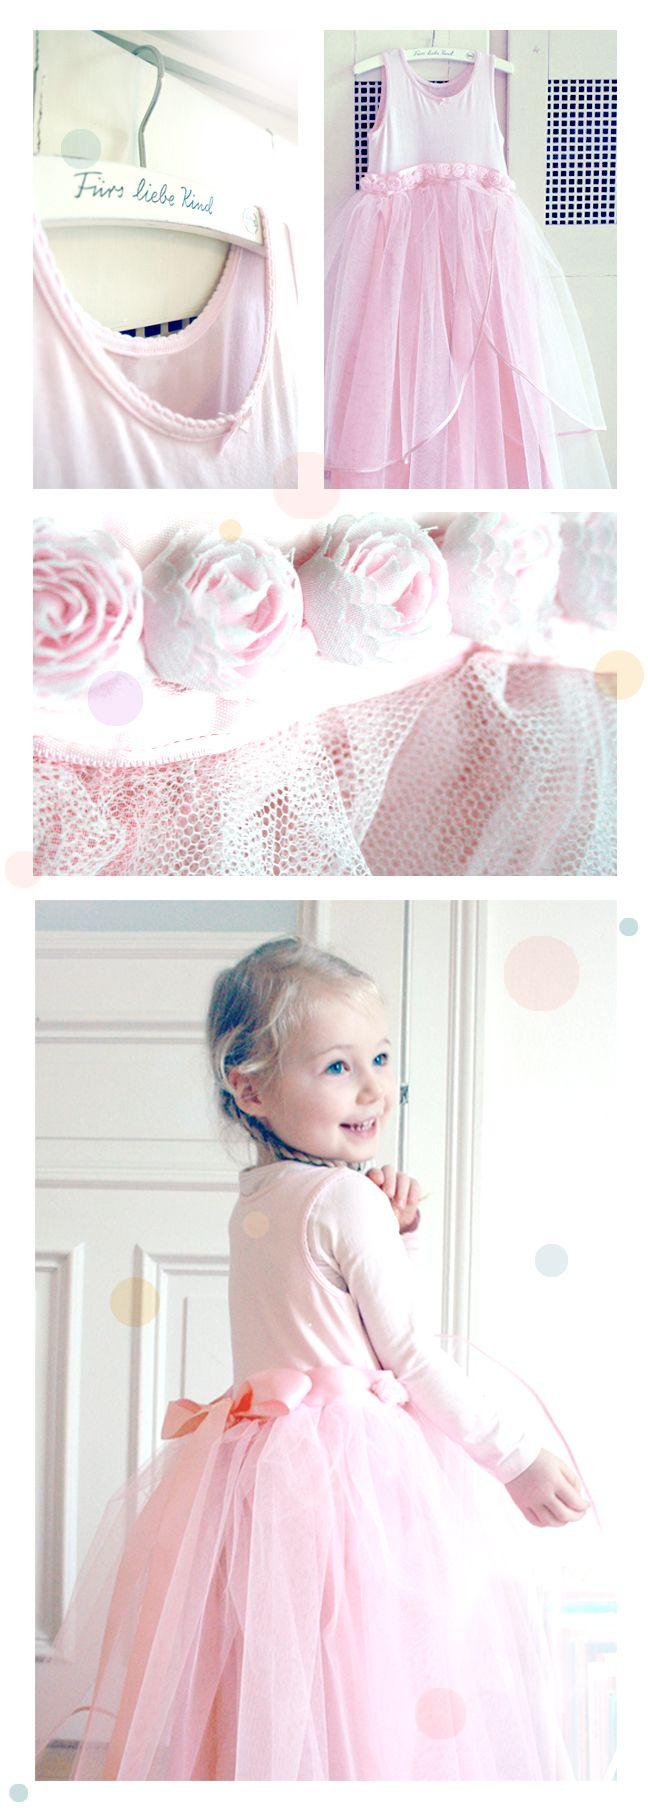 DORNRÖSCHENMONTAG!  DIY princess dress: http://www.feinswiebchen.blogspot.de/2014/03/dornroschenmontag.html